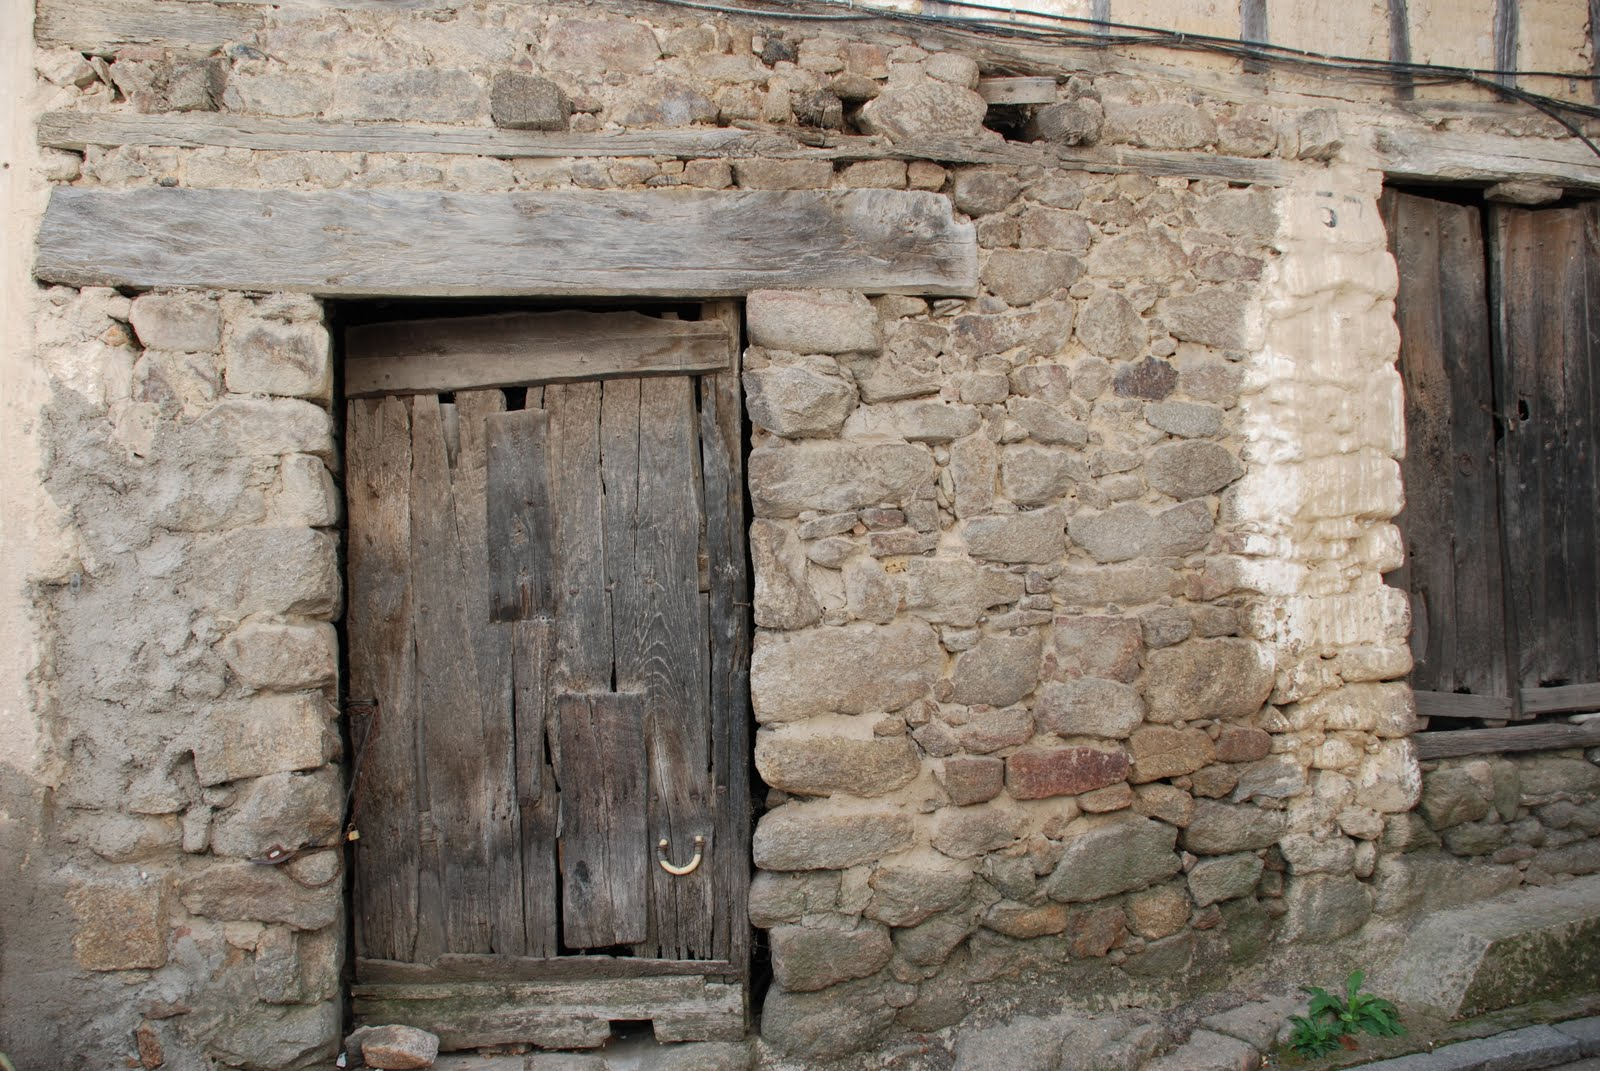 Evoluci n de viviendas y agricultura en moraleja for Fotos de puertas de madera antiguas